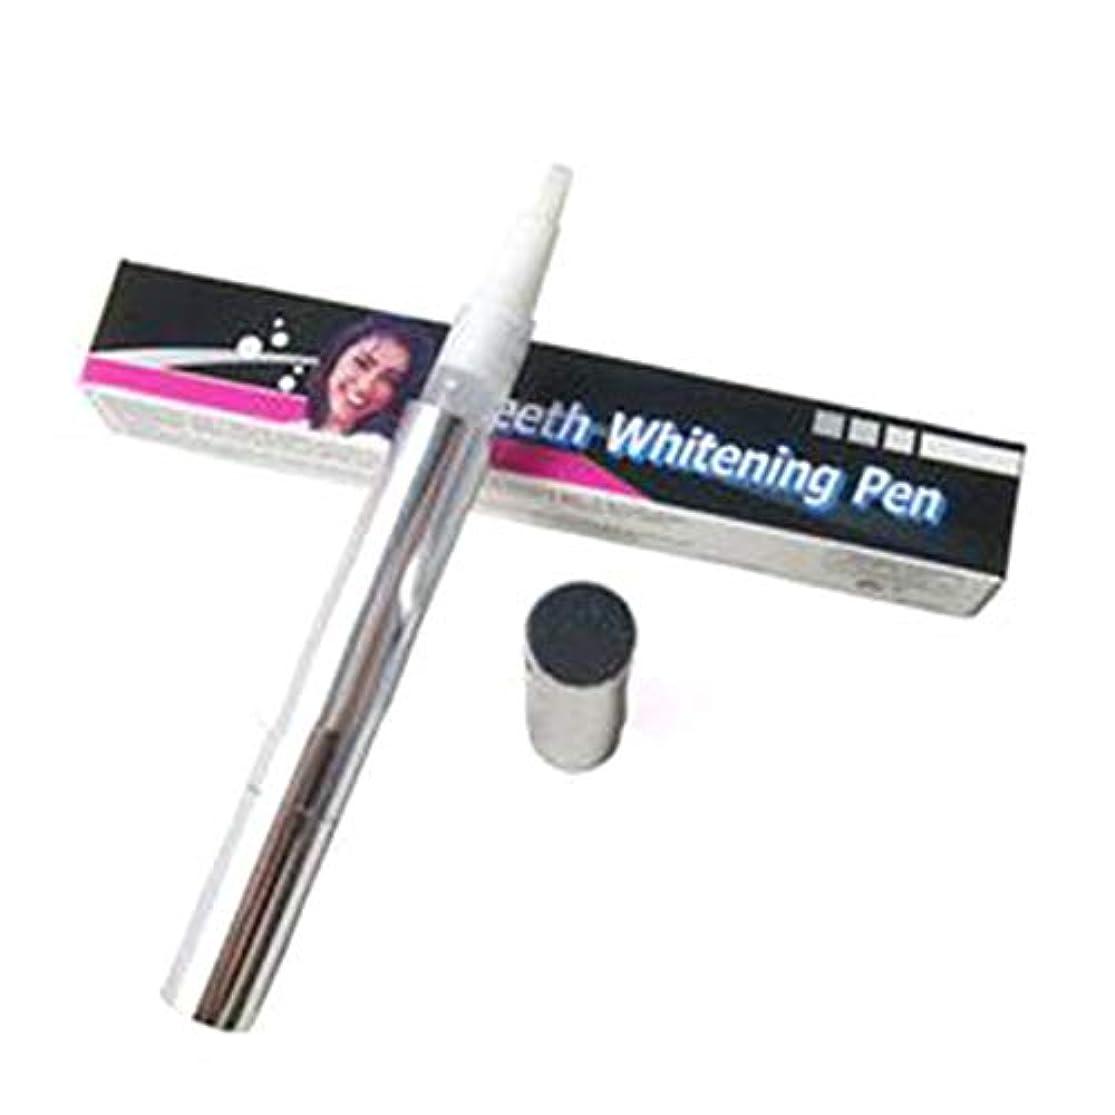 製品ウォルターカニンガム助手ペンホワイトニングペン強力な汚れ消しゴム除去速い漂白歯ジェルホワイトナー歯科口腔衛生用品 - シルバー